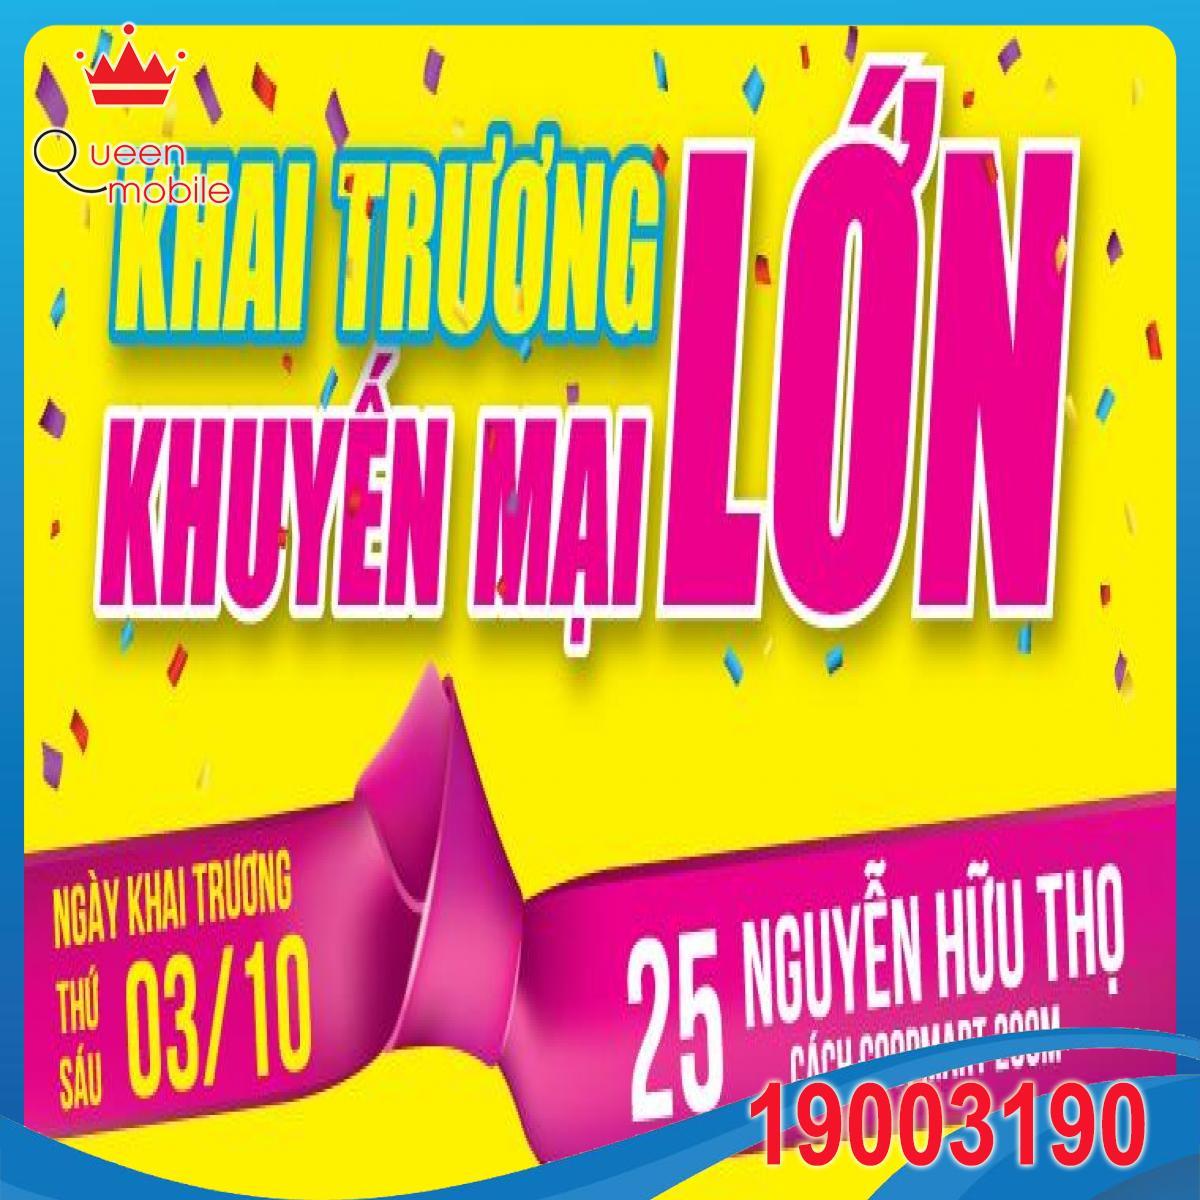 Ưu đãi lớn khai trương siêu thị Nguyễn Hữu Thọ, Bà Rịa - Vũng Tàu